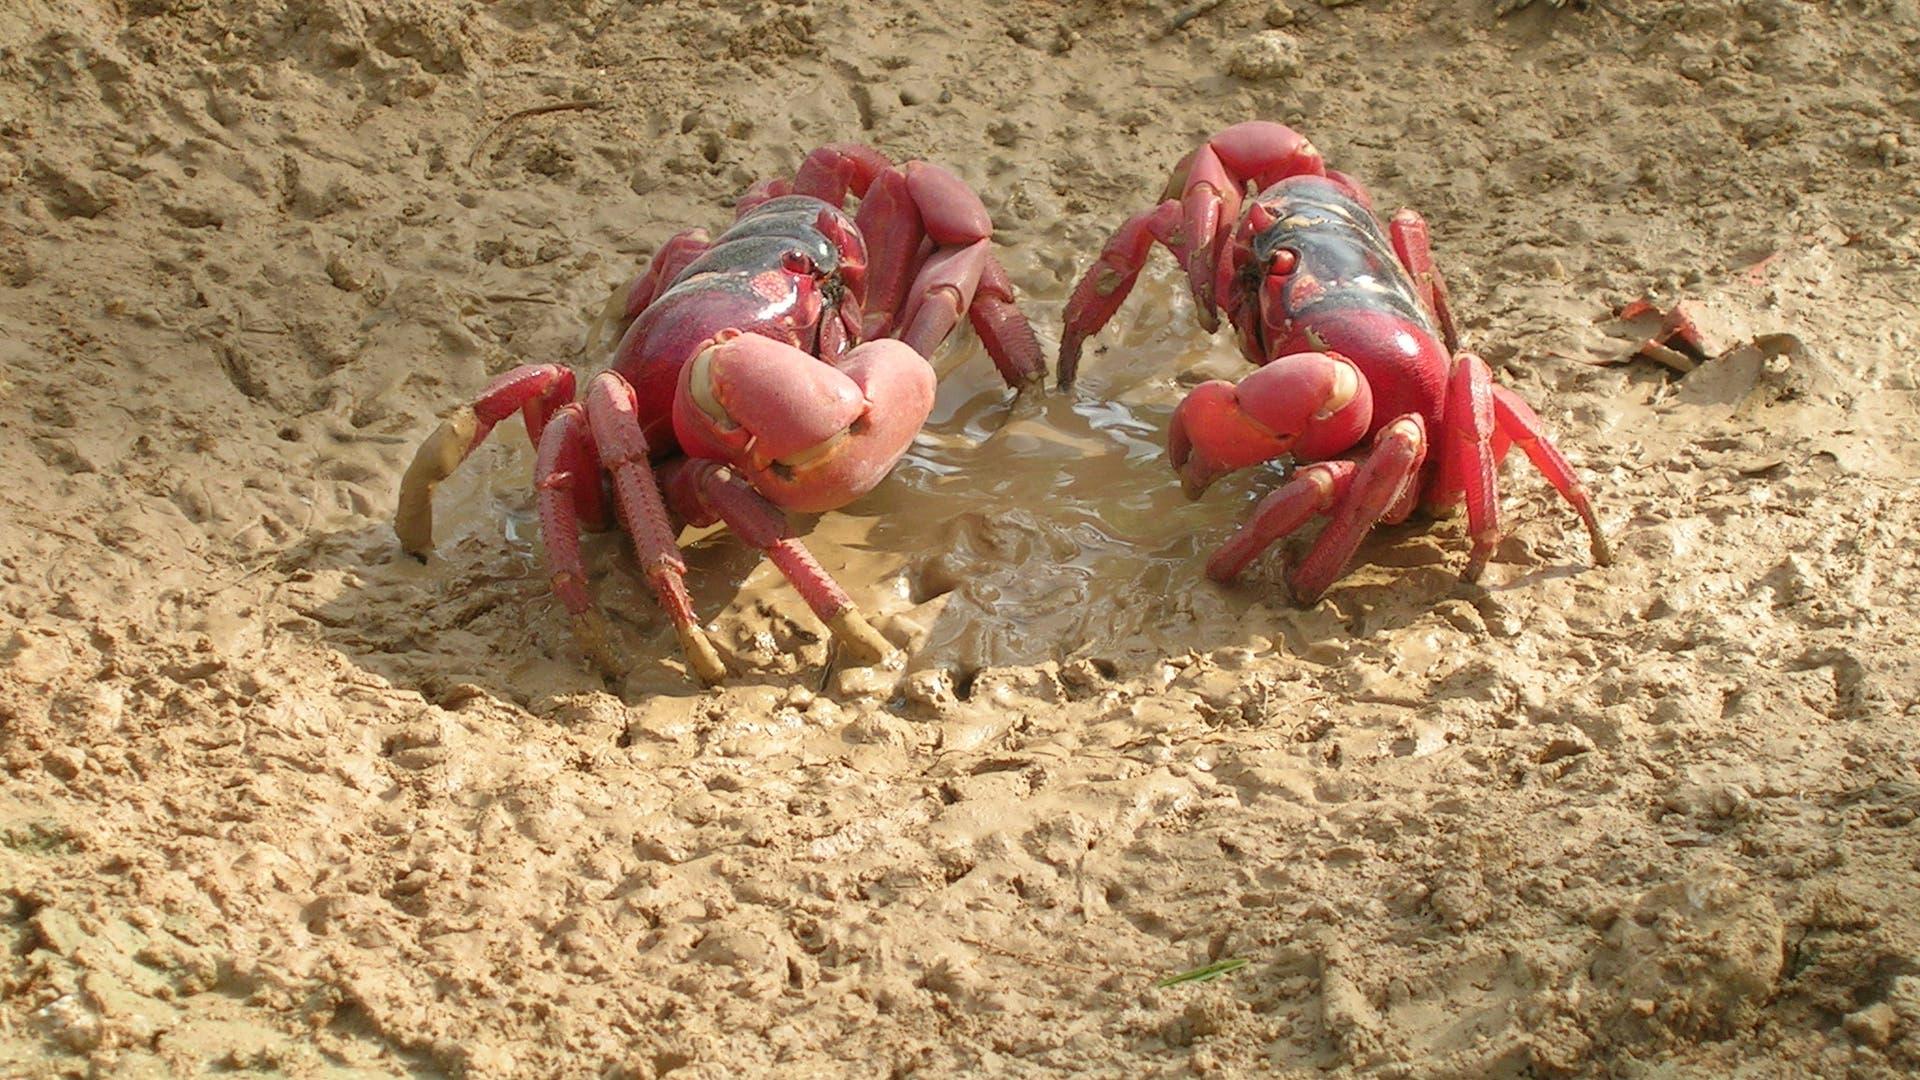 Krabbenmännchen und -weibchen beim Trinken